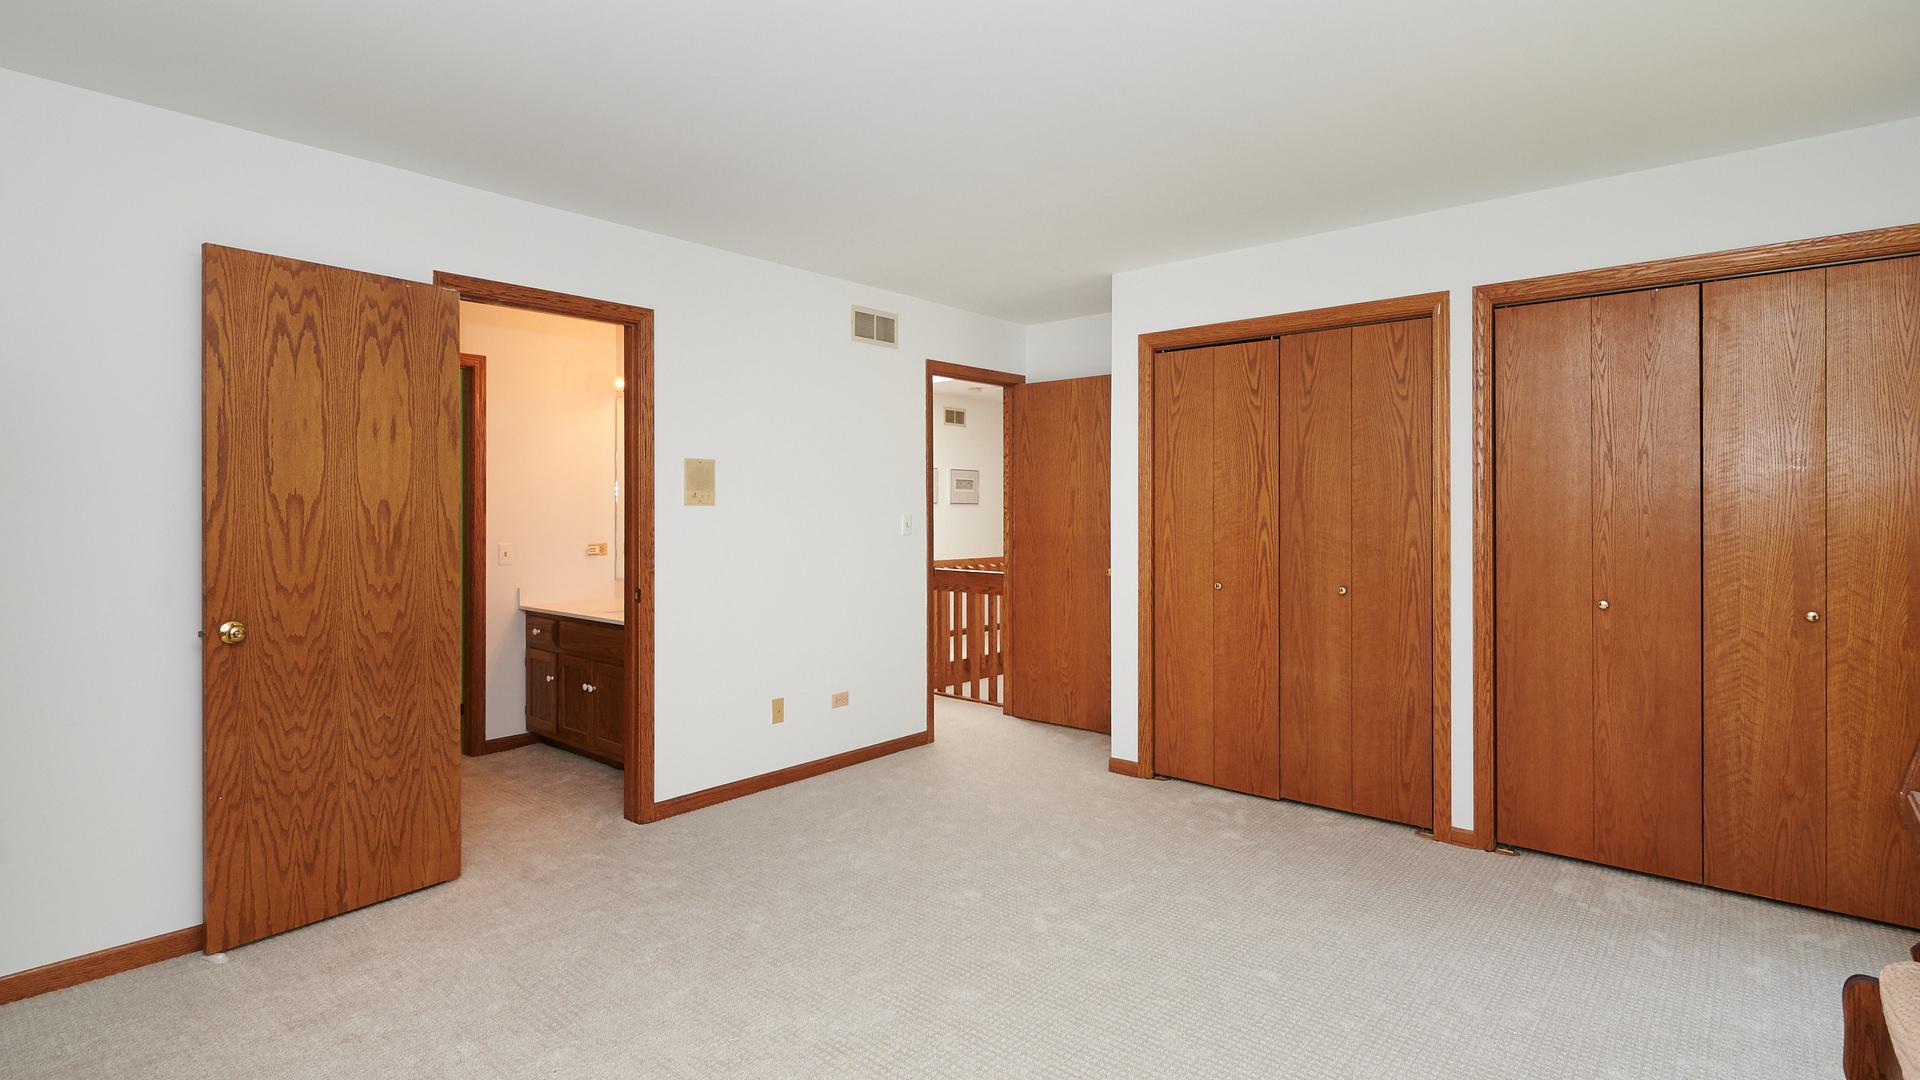 21 North Monroe, Hinsdale, Illinois, 60521